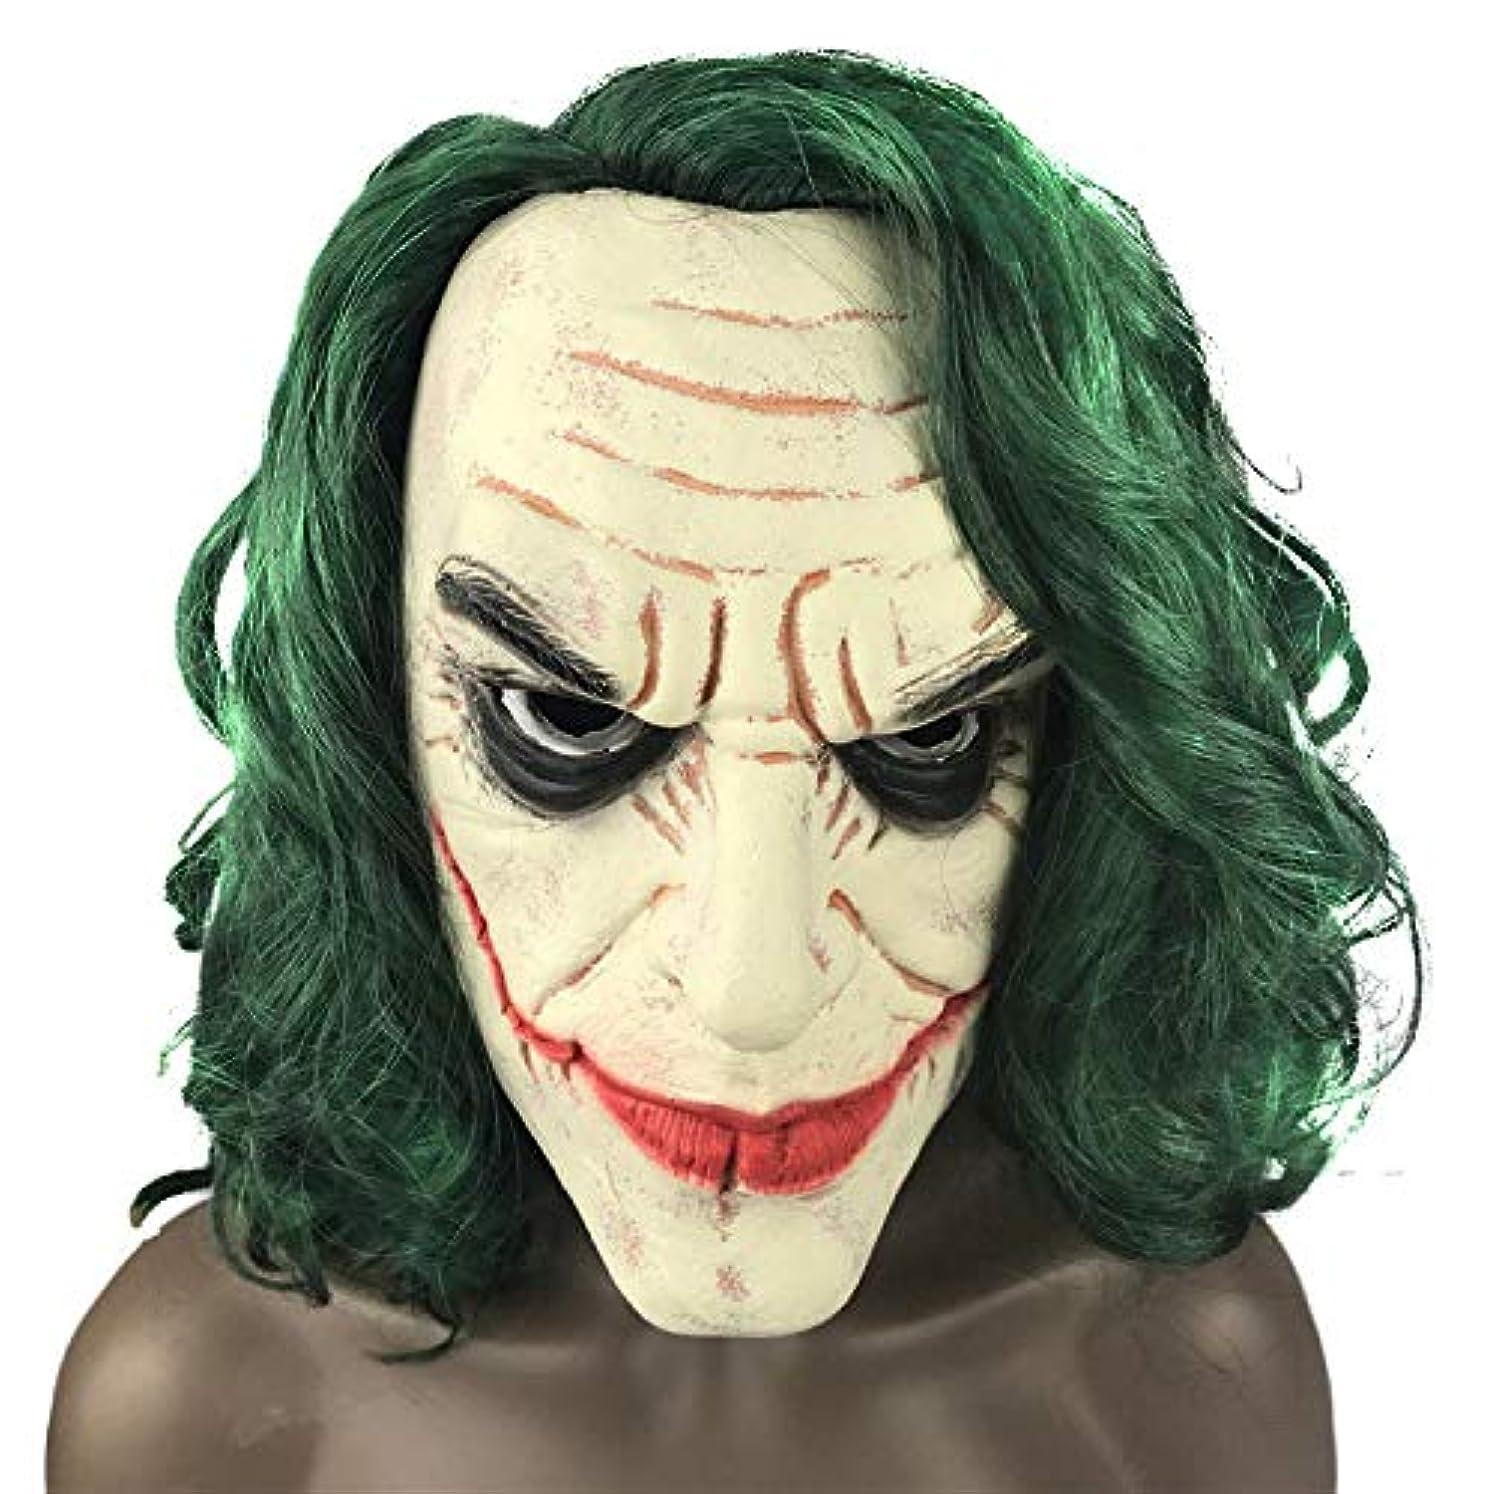 服を洗う狂人不条理バットマンピエロマスク男性ホラーボールCosドレスアップハロウィーンダークナイト映画ラテックスマスク